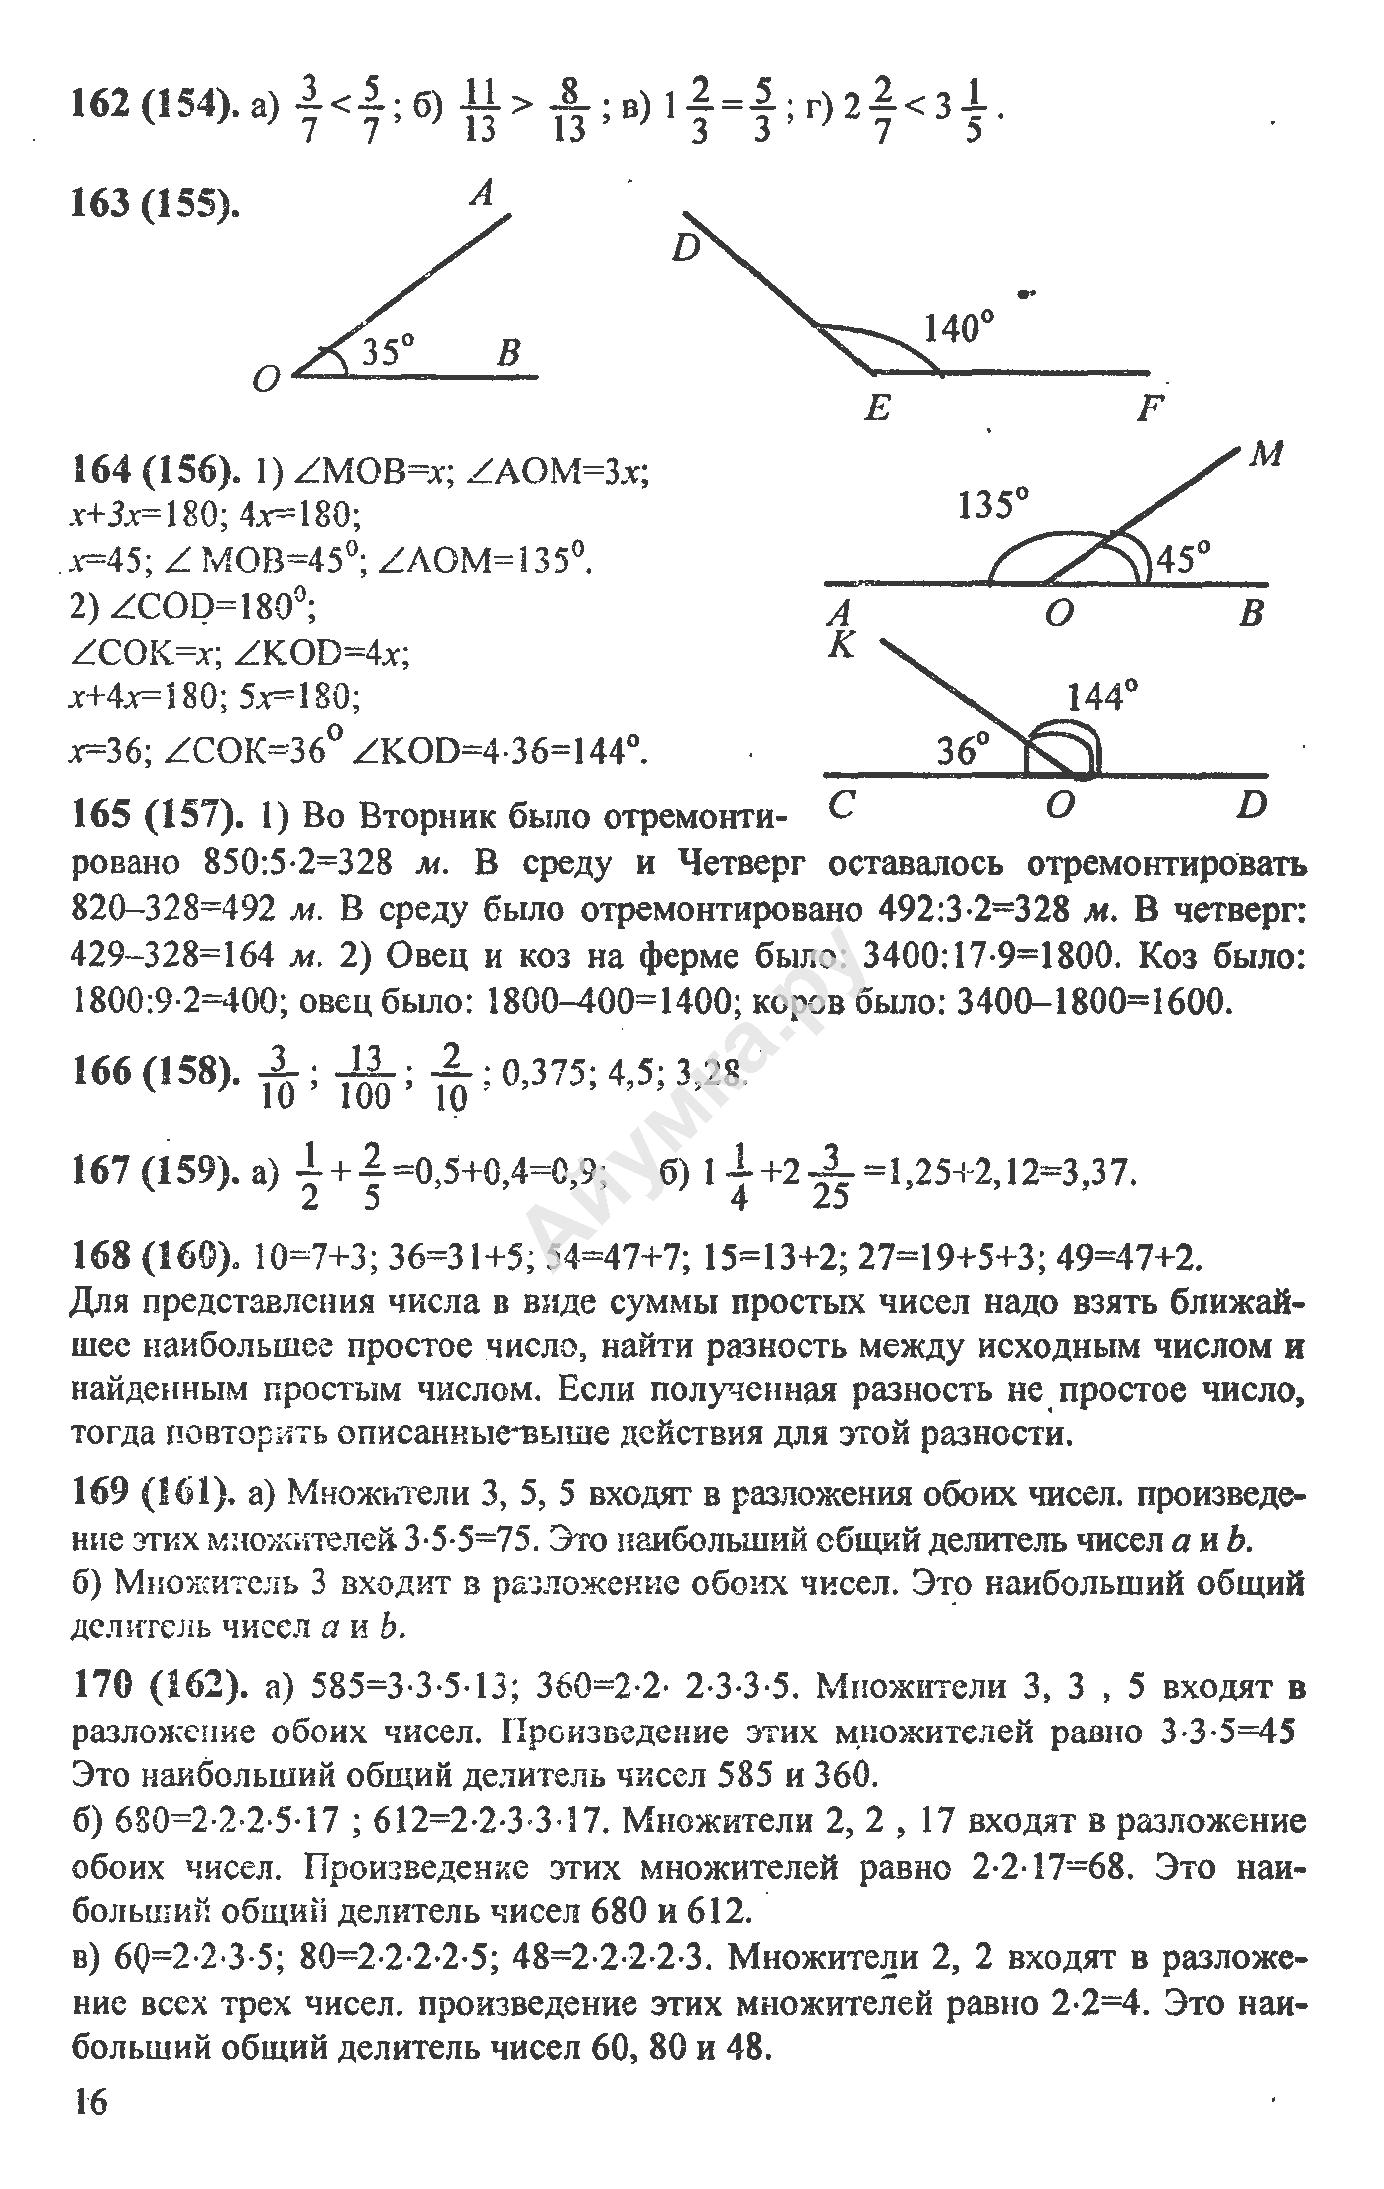 Второй признак равен т треу 7 класс домашние задание 3 9 4 5 смирнов смирнова